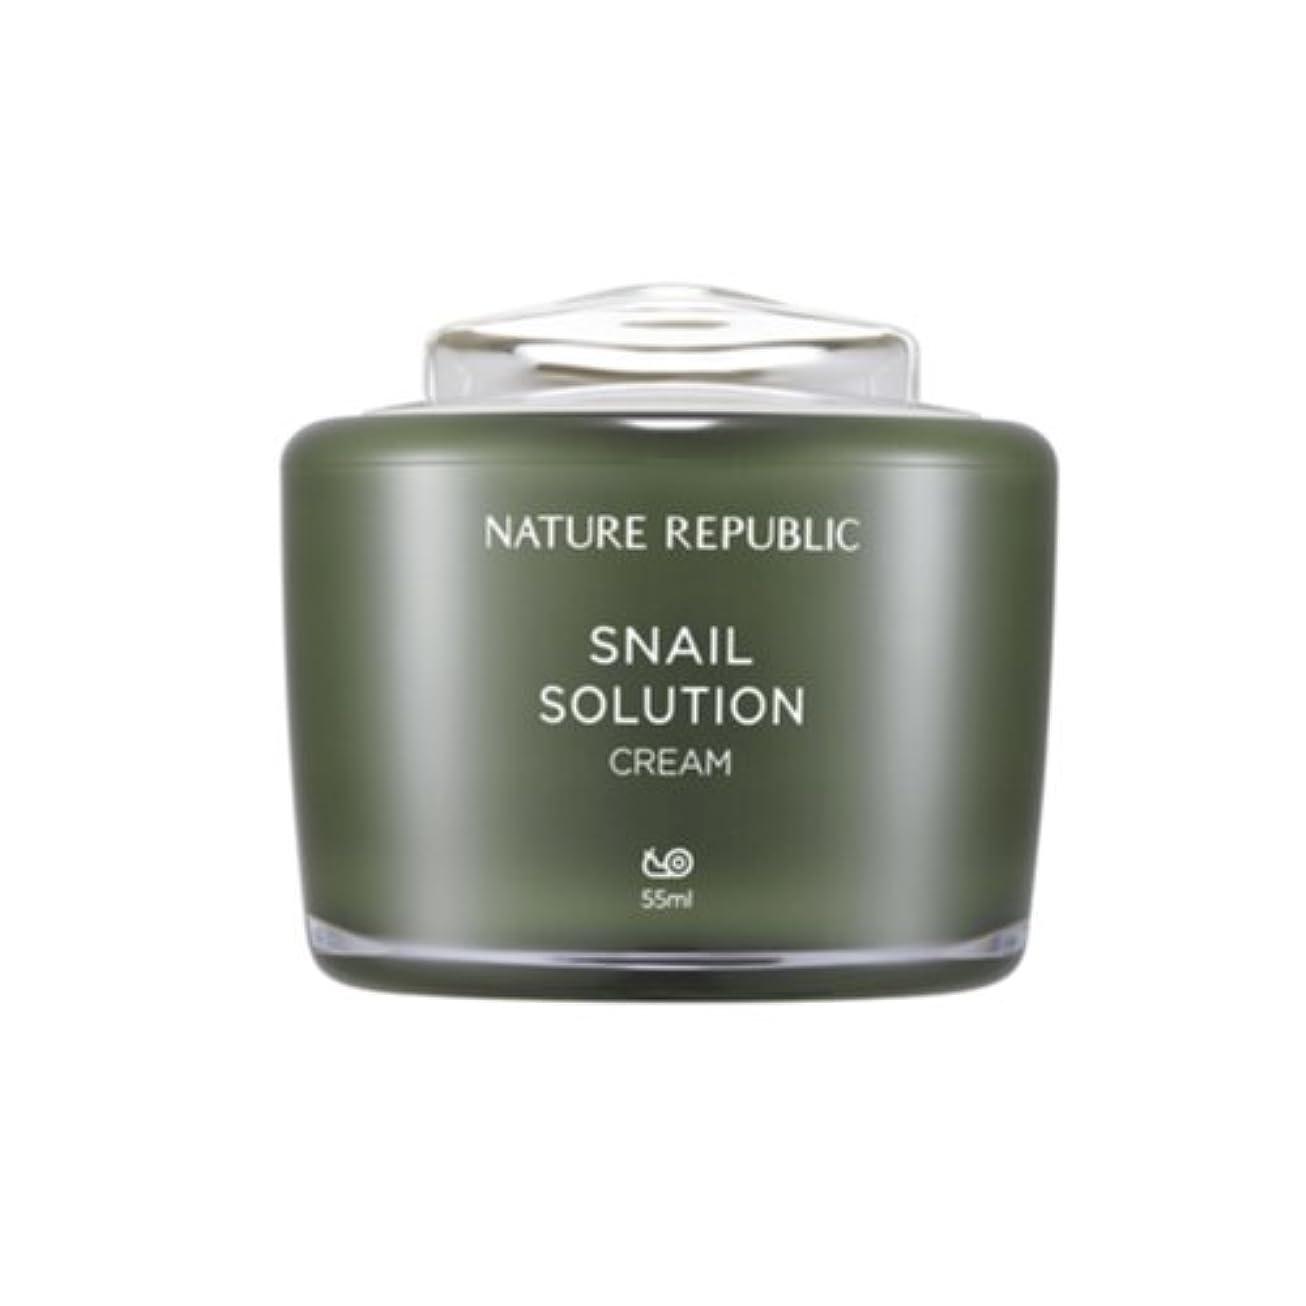 入力隣接するコントロール[ネイチャーリパブリック] Nature republicスネイルソリューションクリーム海外直送品(Snail Solution Cream) [並行輸入品]